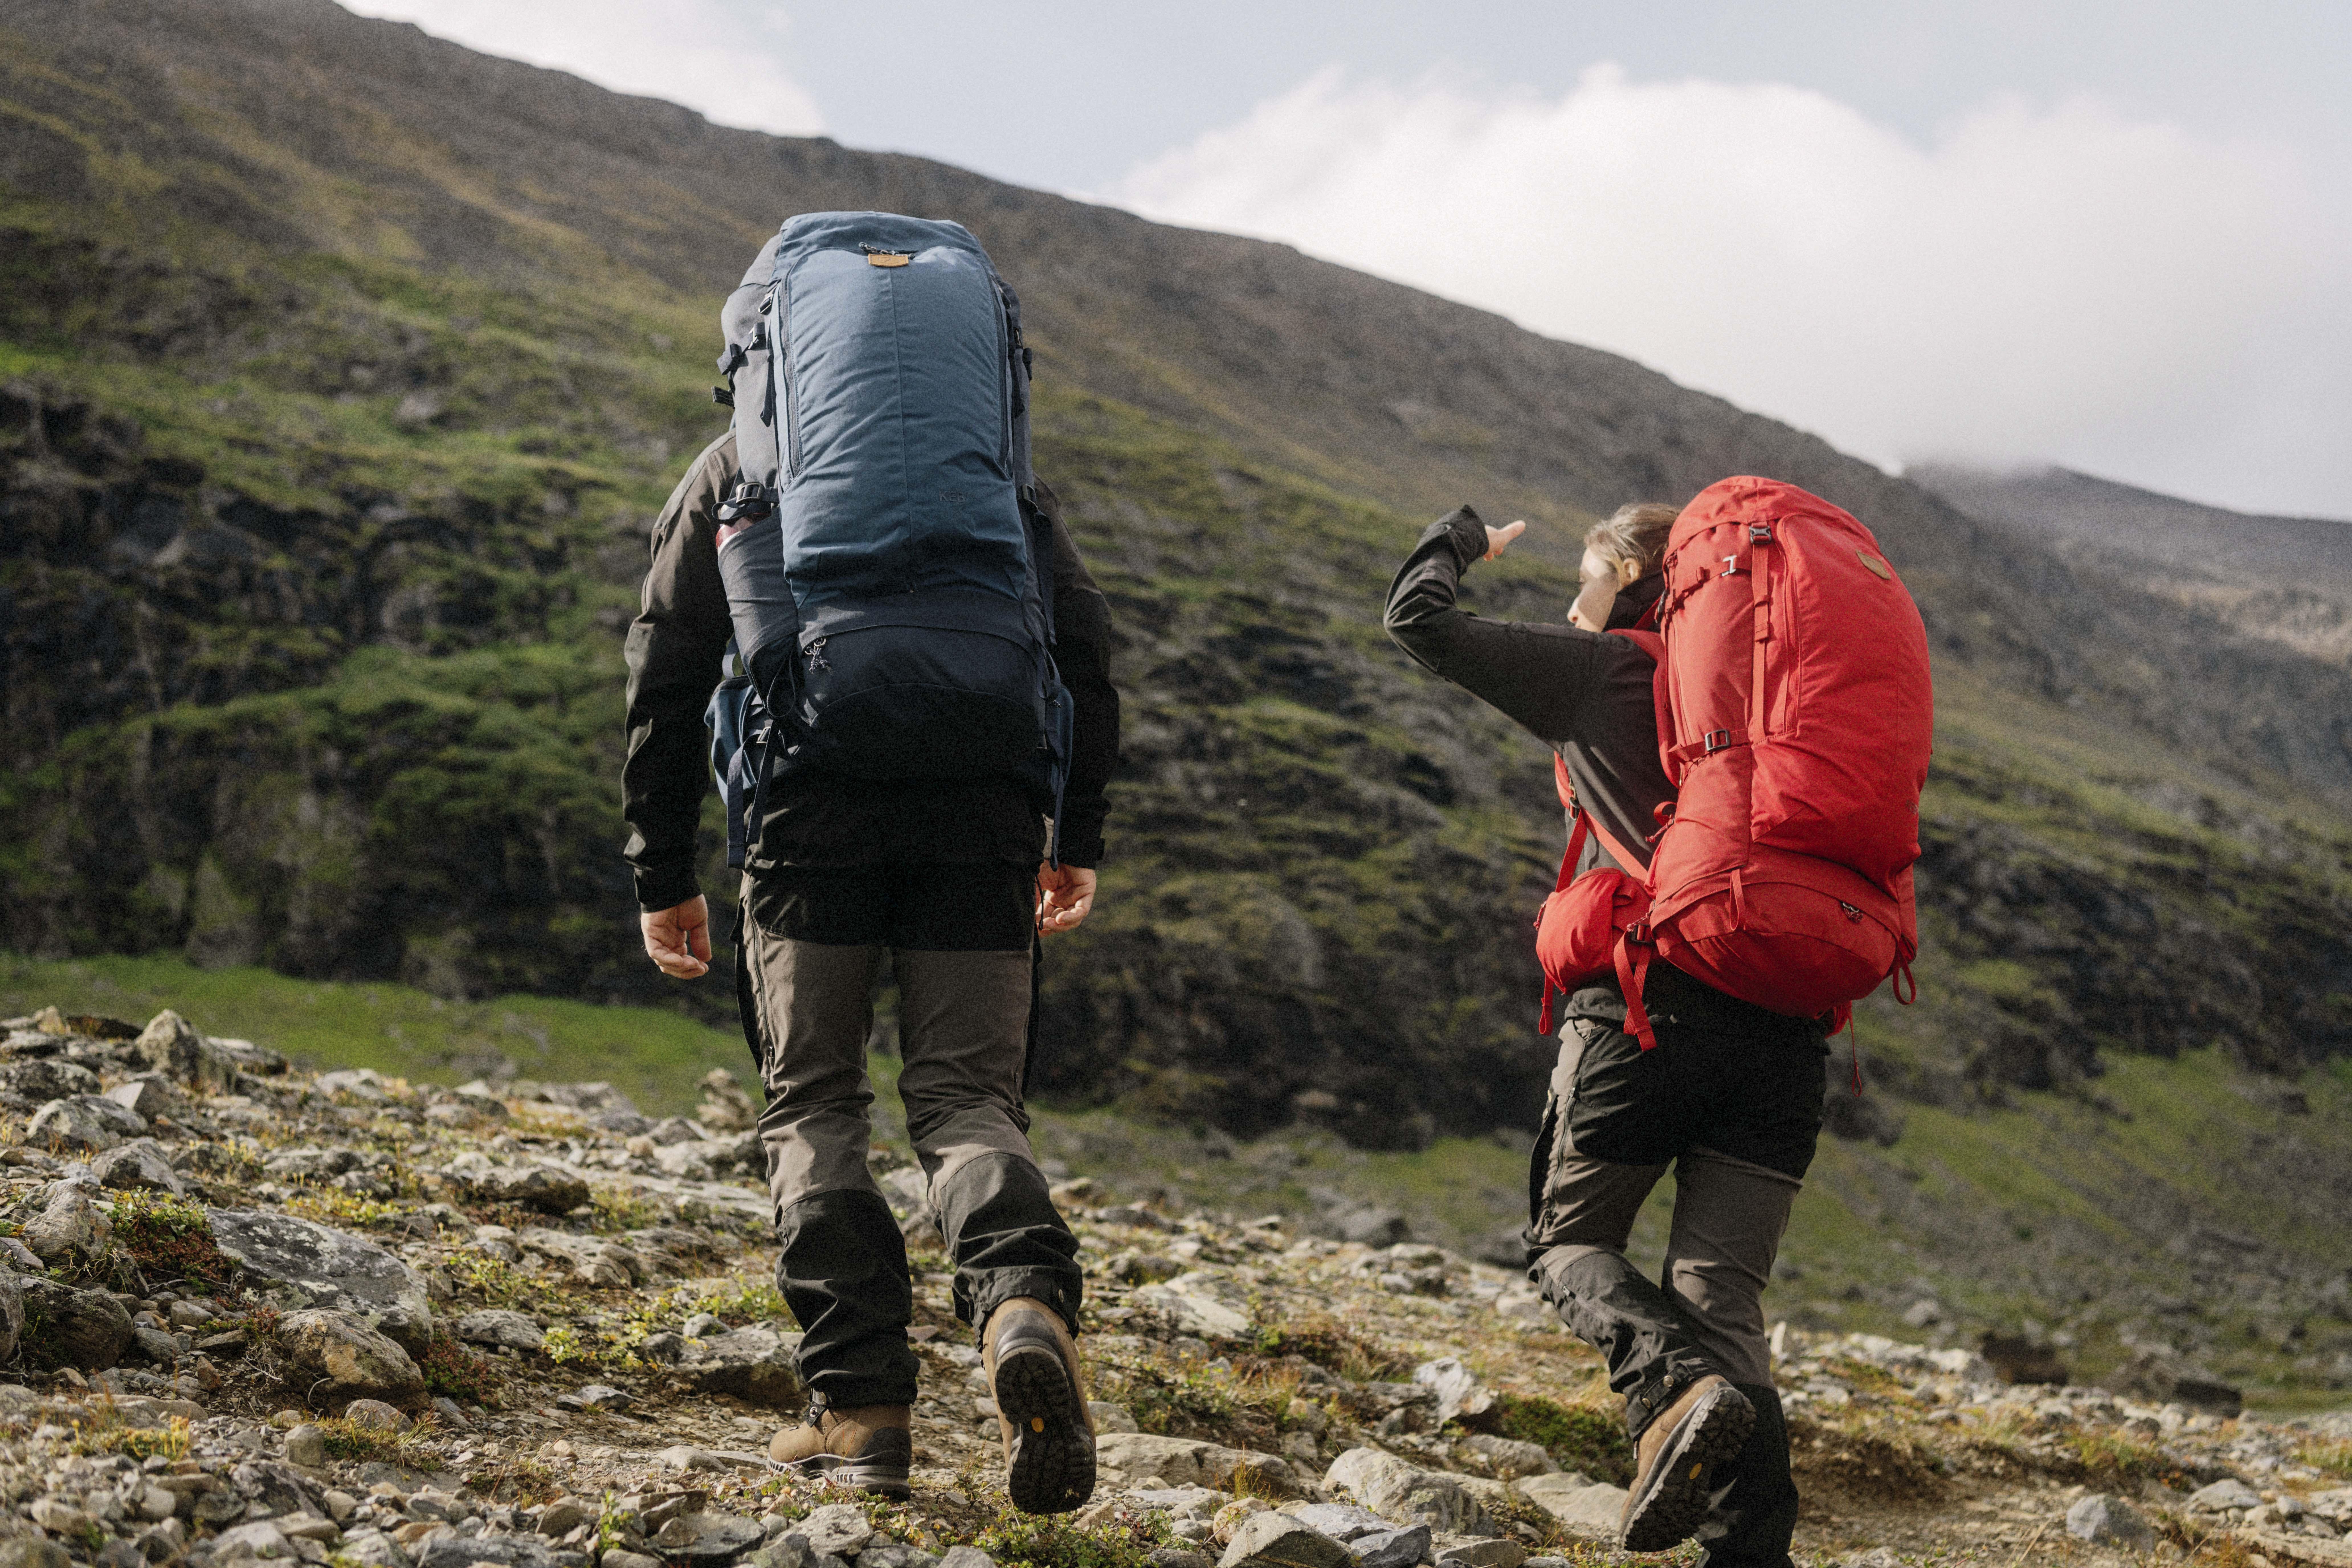 Hikers in the mountains, fjällräven backpacks, fjällräven trousers